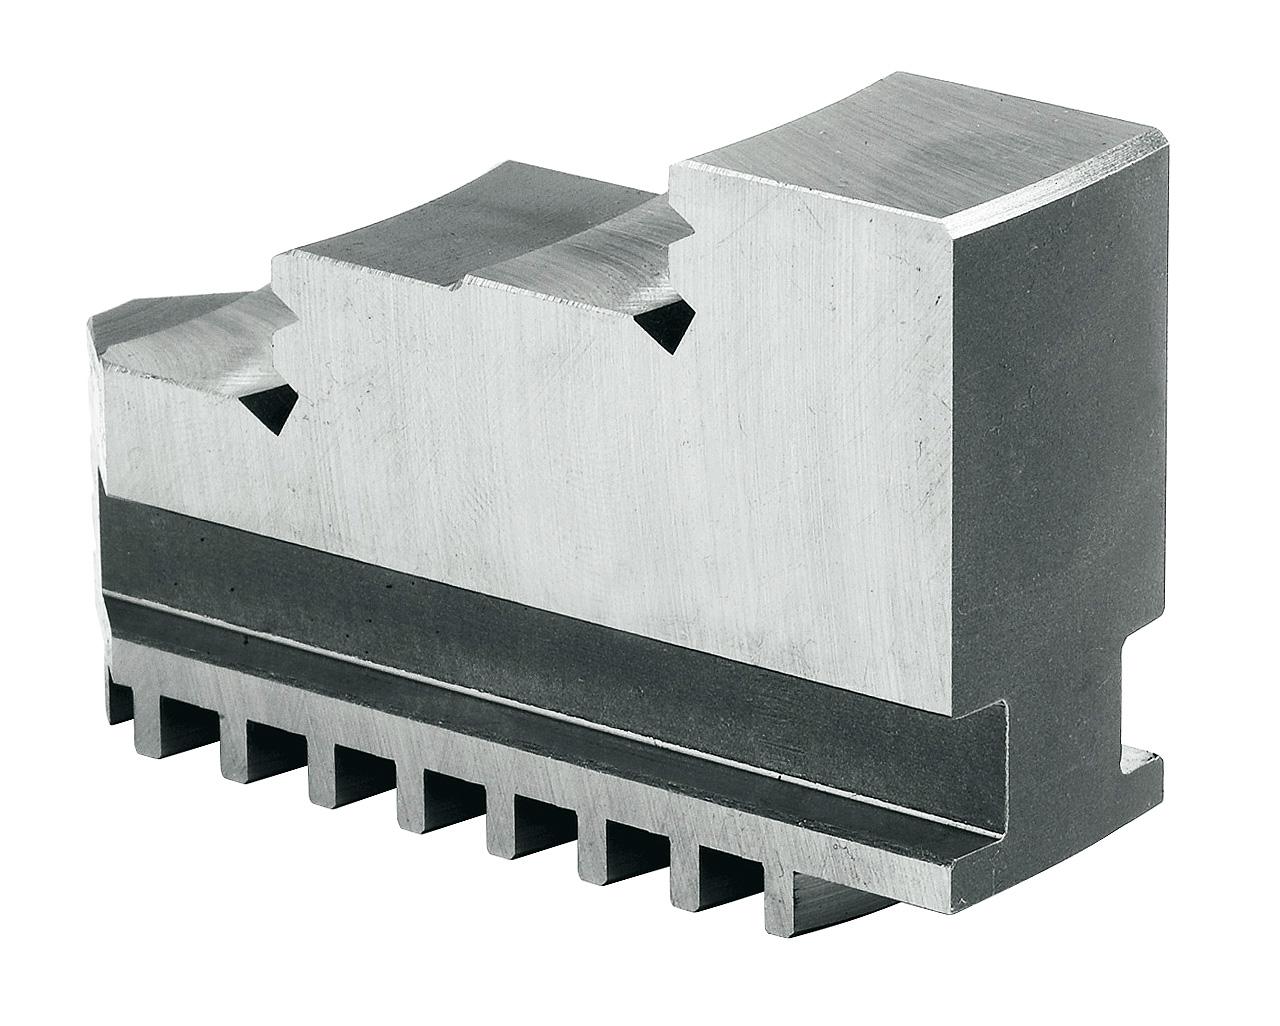 Szczęki jednolite twarde wewnętrzne - komplet DIJ-DK11-200 BERNARDO